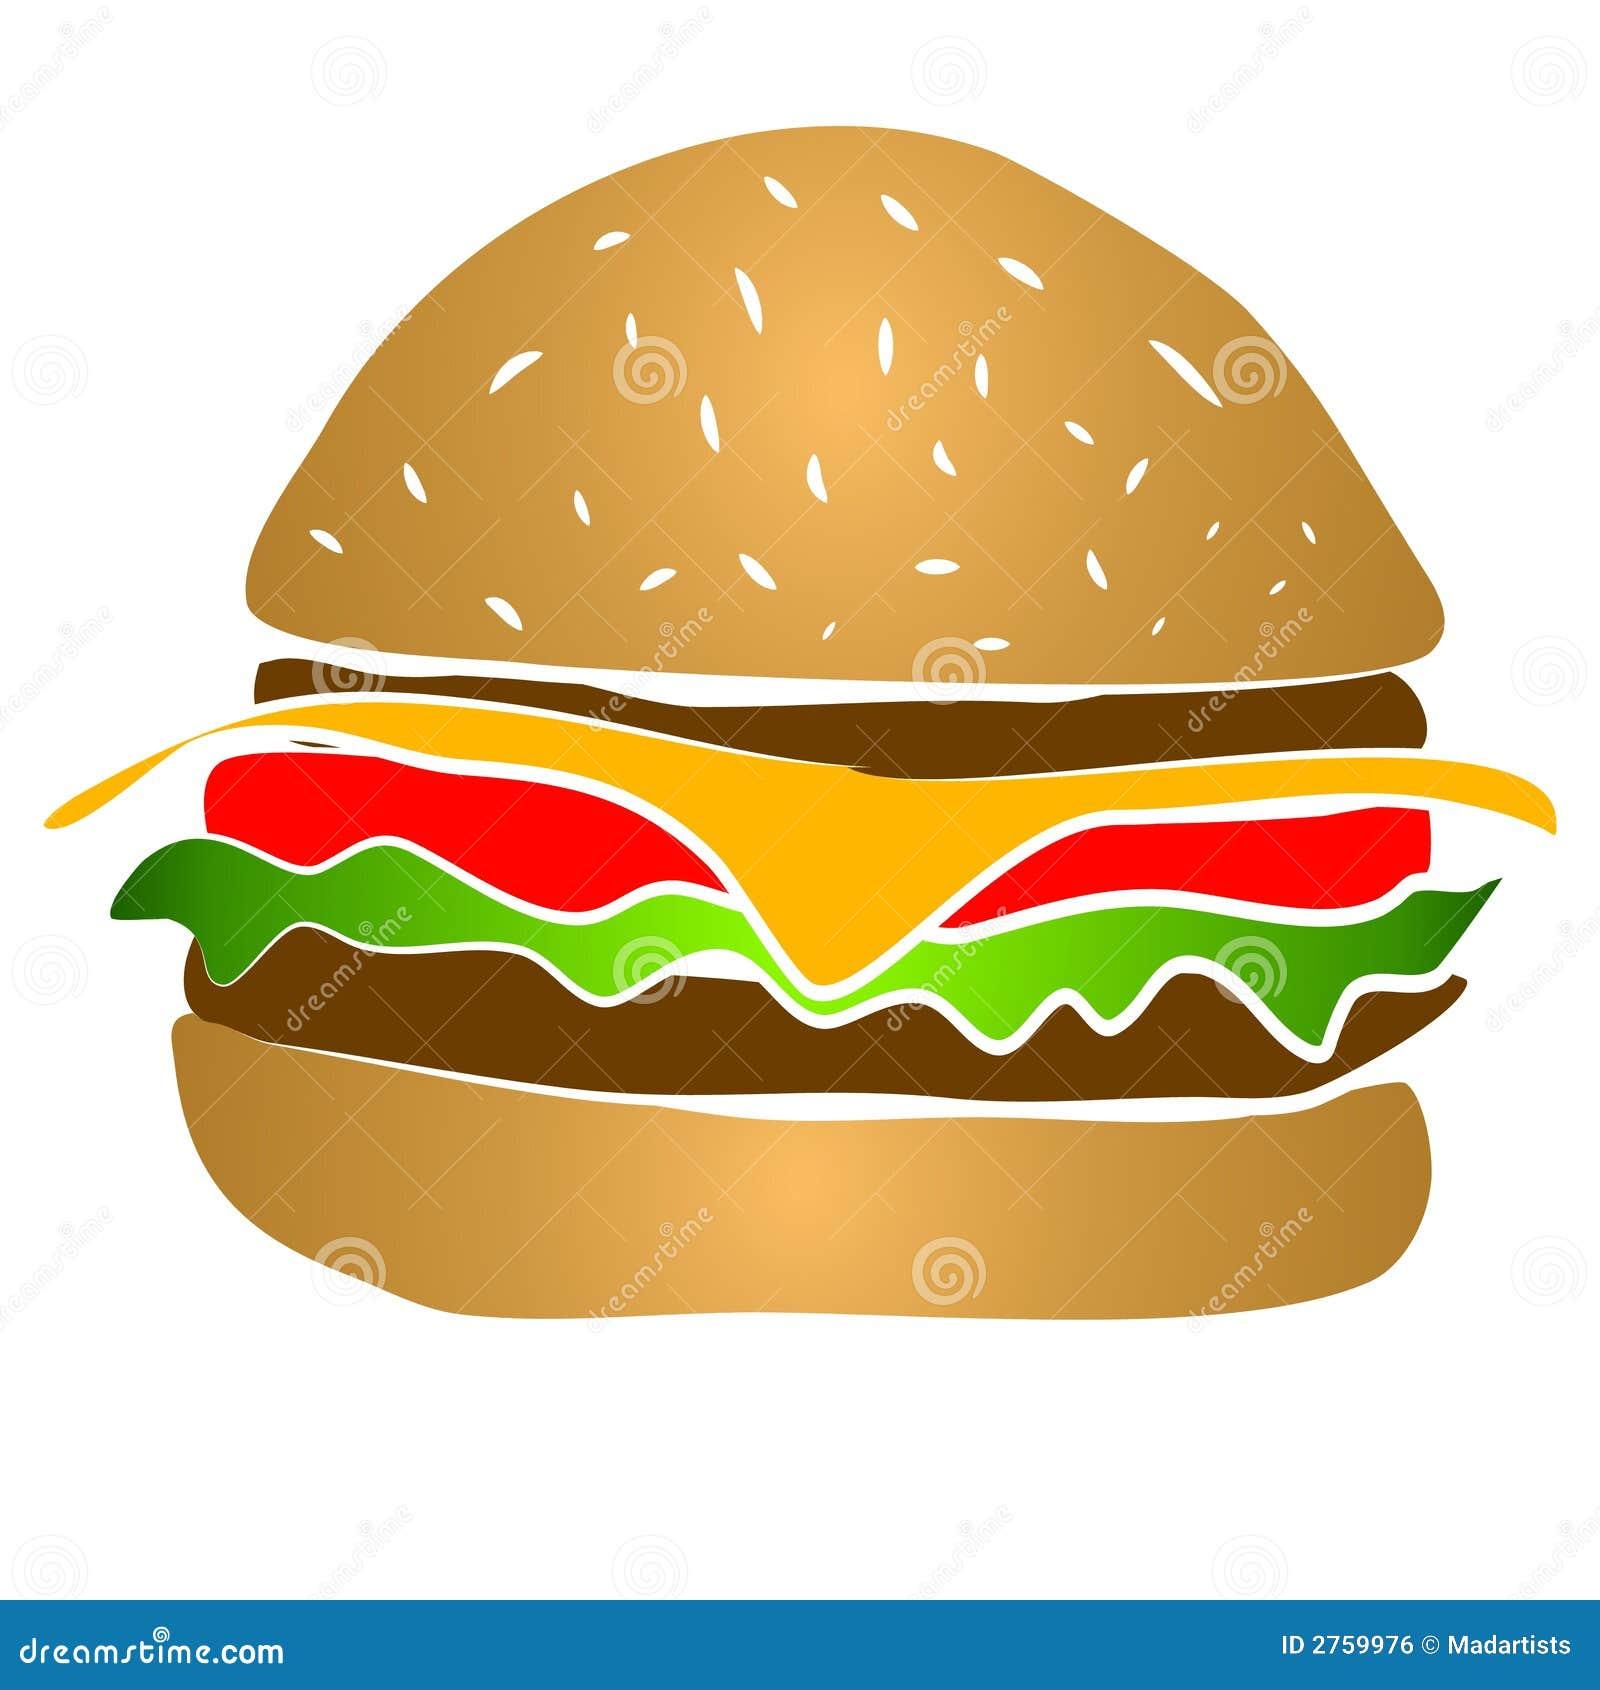 Cheeseburger hamburger clipart royalty free stock image for Hamburger clipart